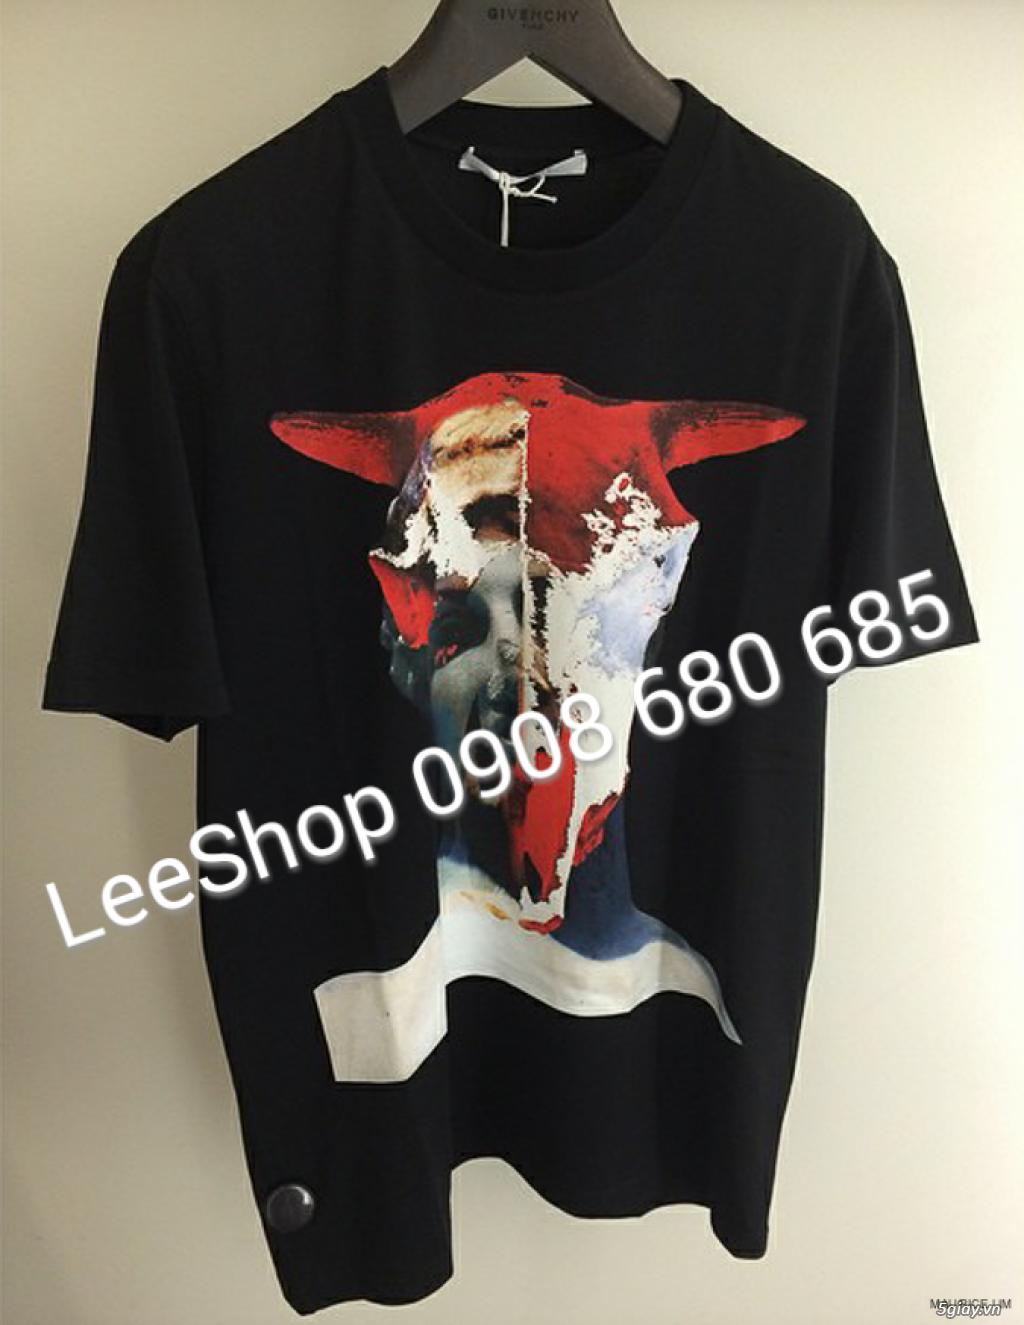 LeeShop_Chuyên quần áo thời trang - 8